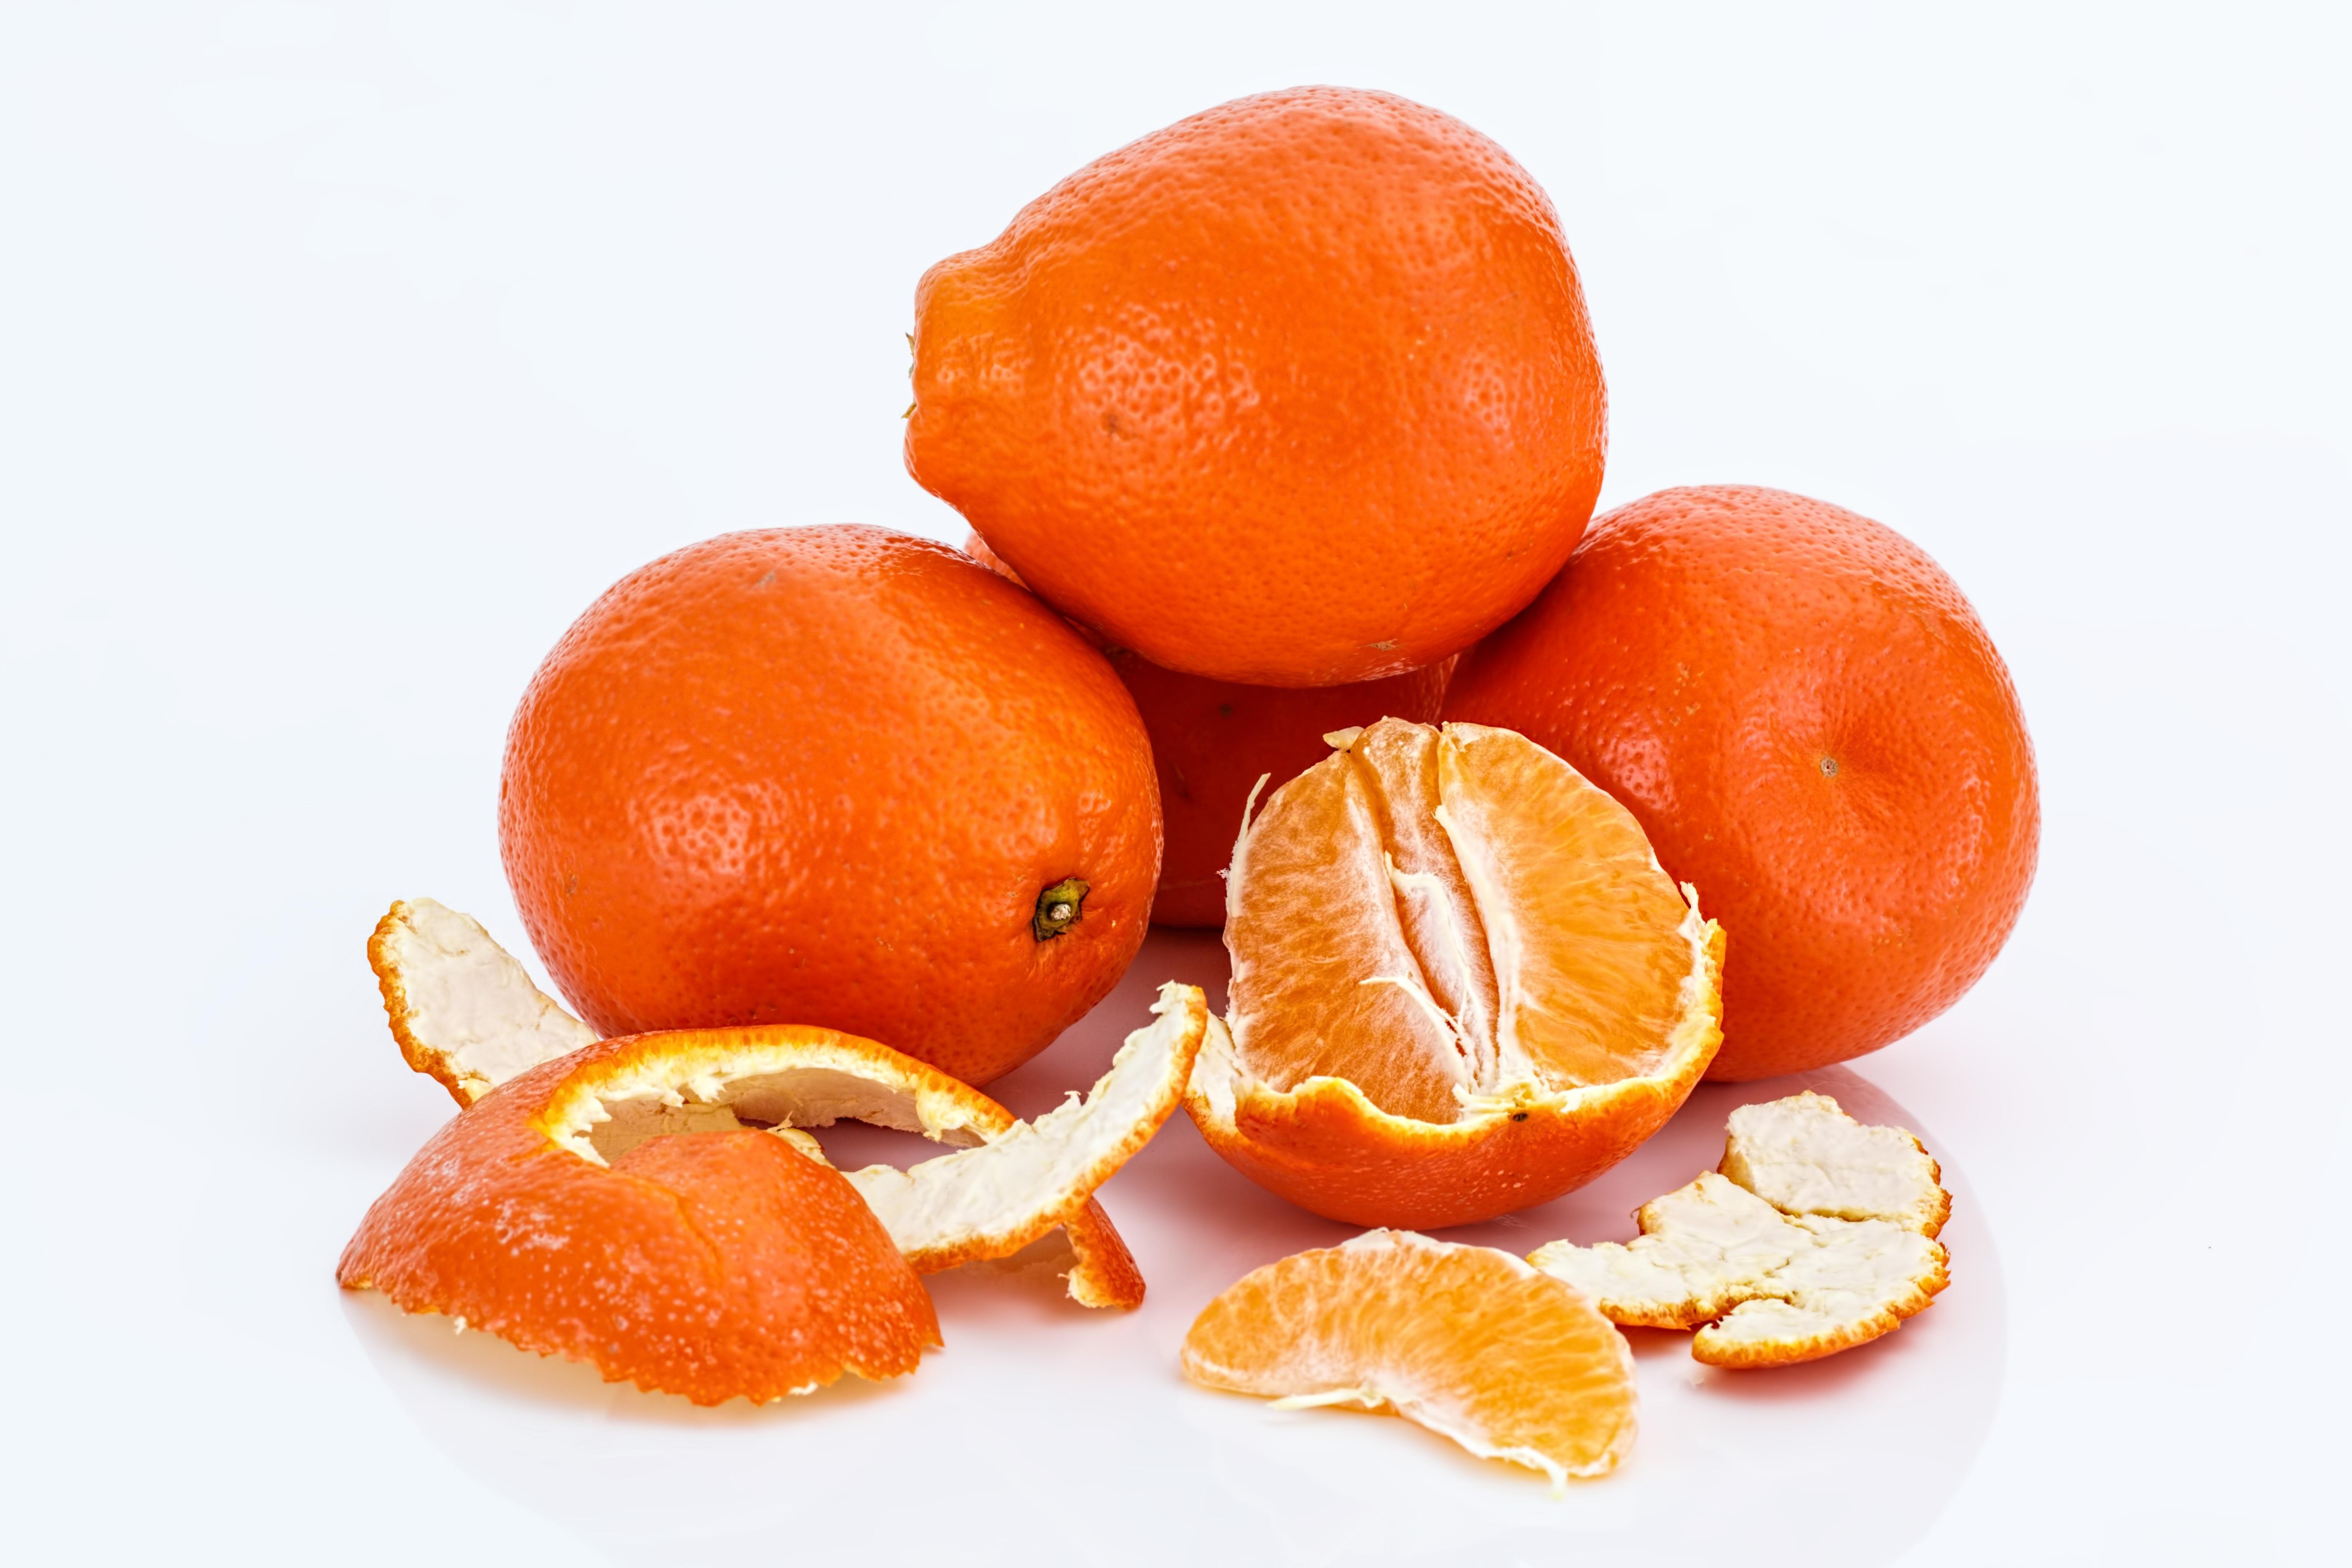 Orange Vegetables And Fruits Peeled Orange Fruits &...